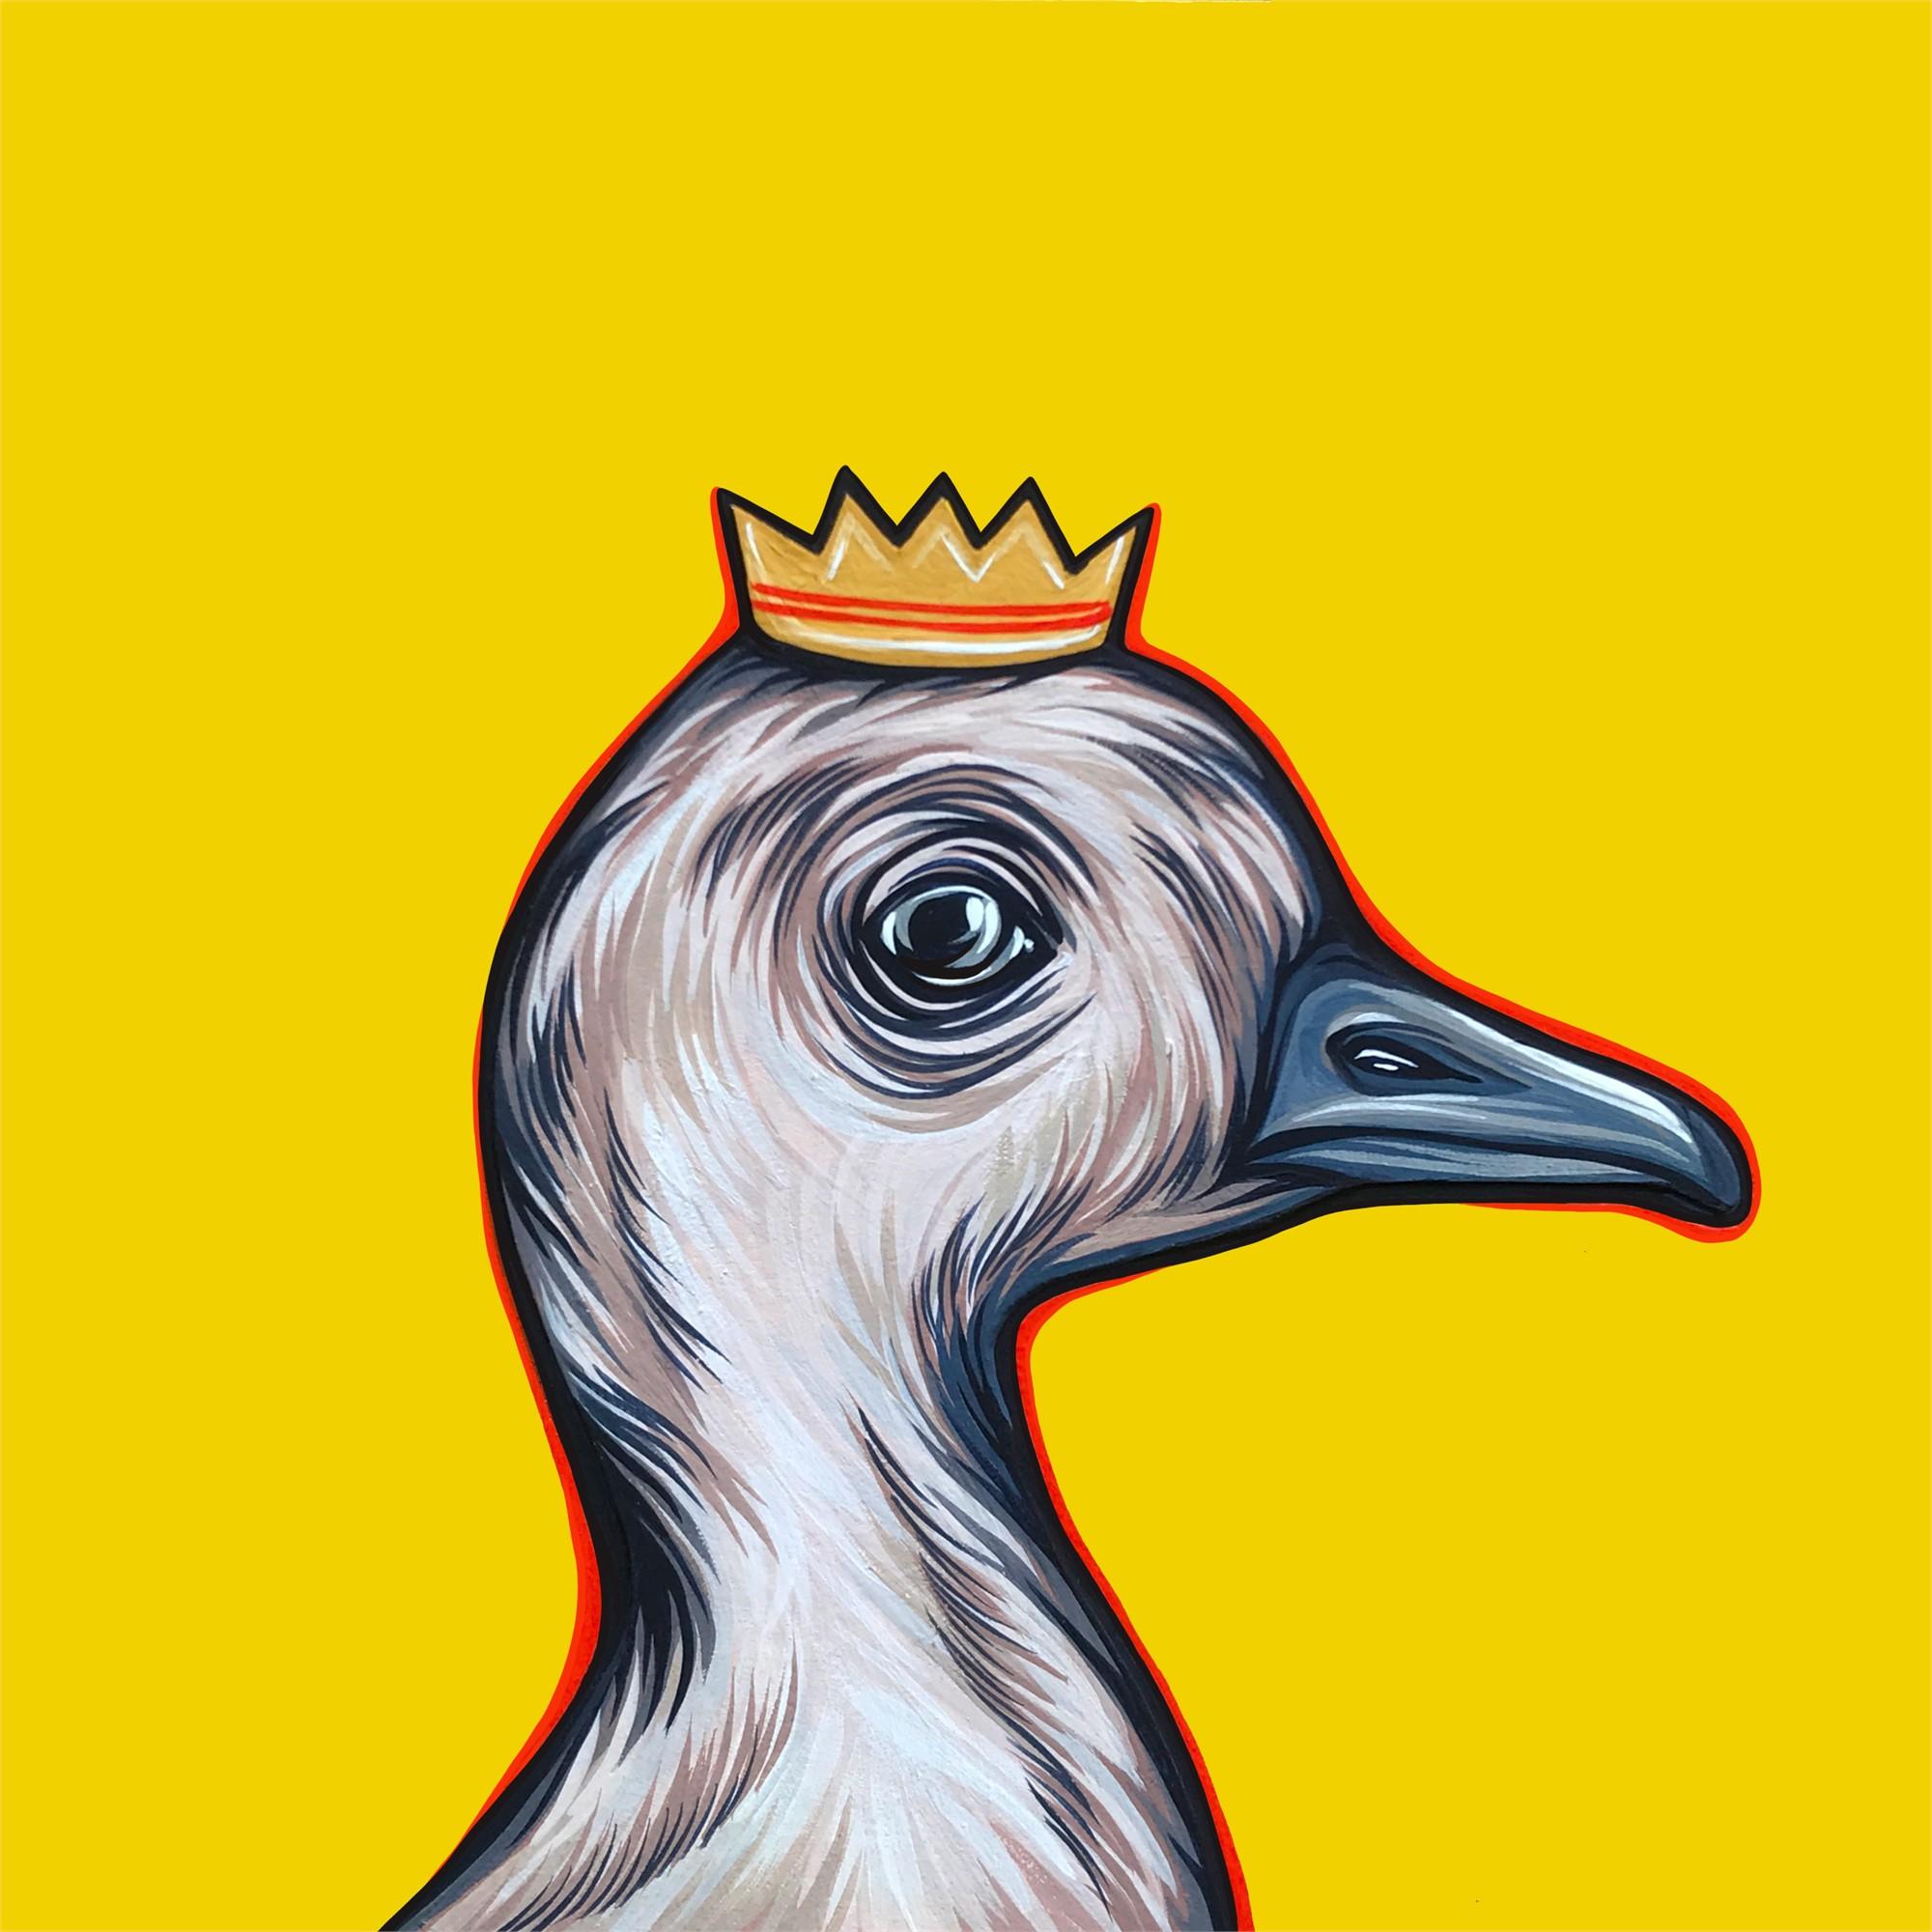 Mighty Ducks Orange Crown by Kaitlin Ziesmer